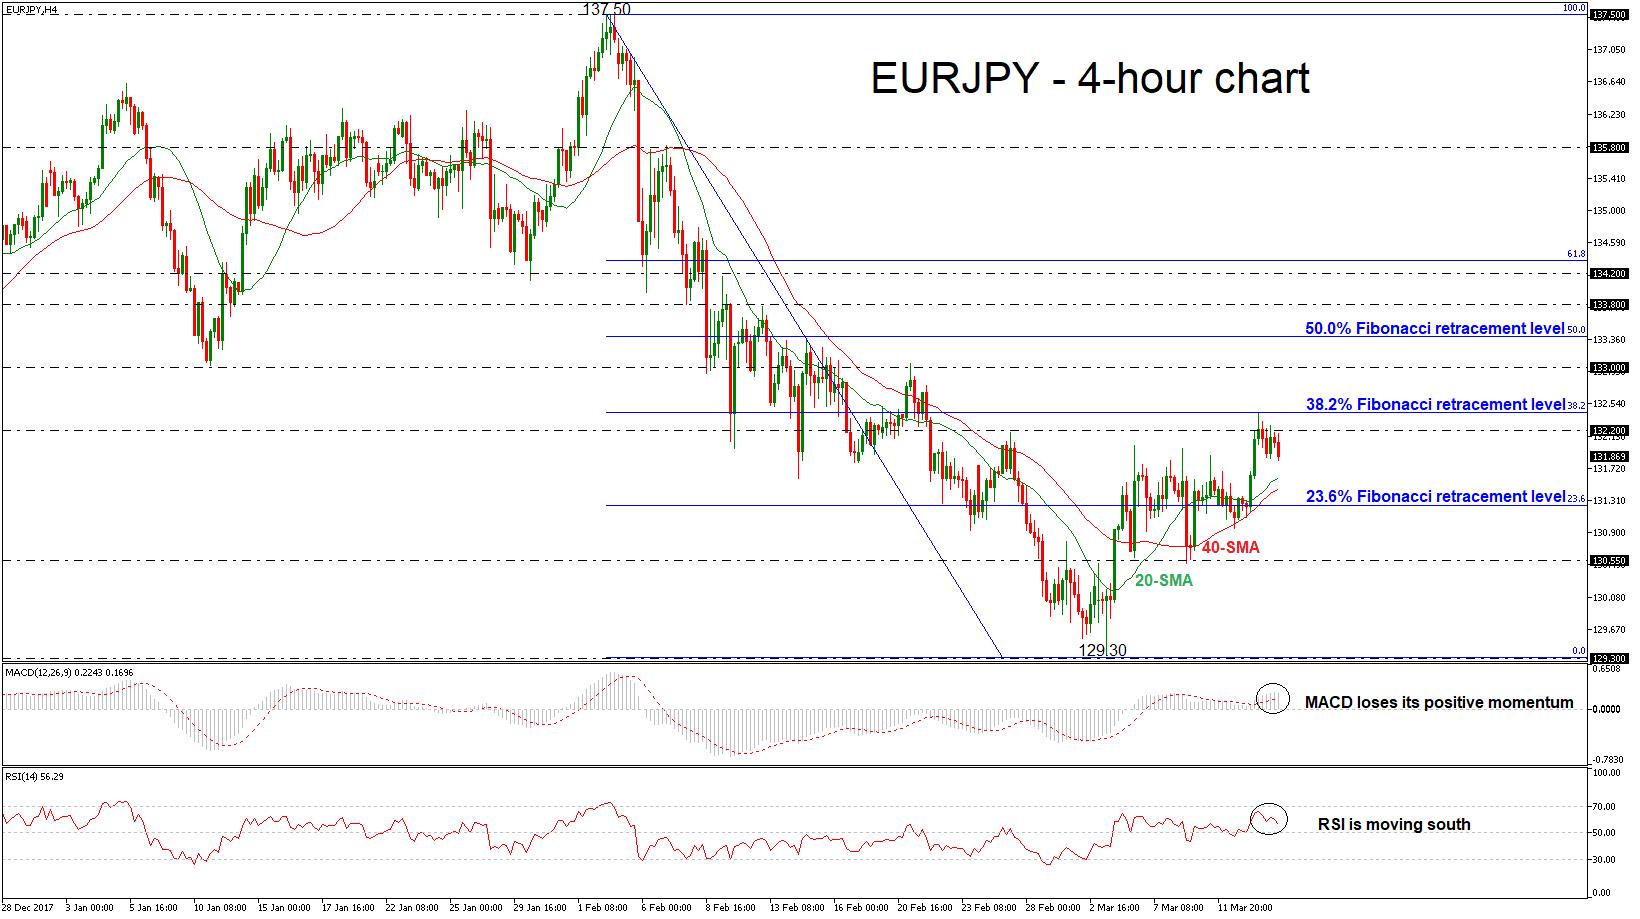 Forex news eur jpy европейские брокеры форекс работающие с трейдерами на прямую